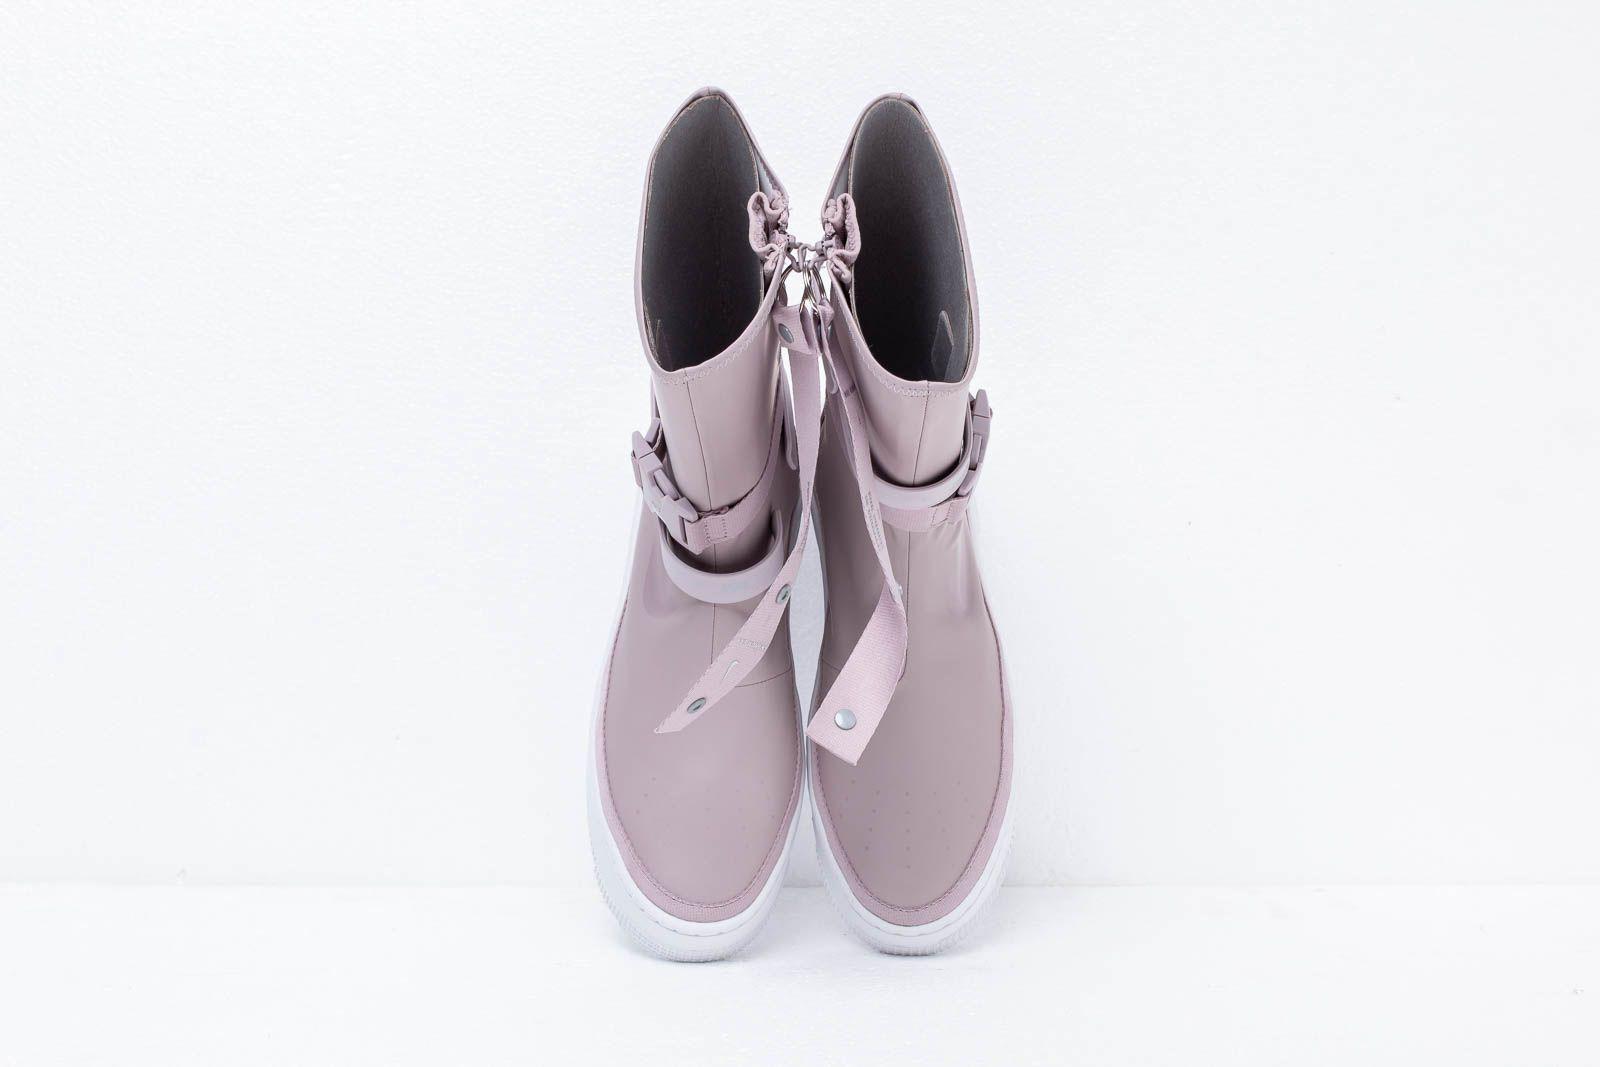 Nike W Af1 Sage Hi Violet Ash Violet Ash White Oil Grey | Footshop